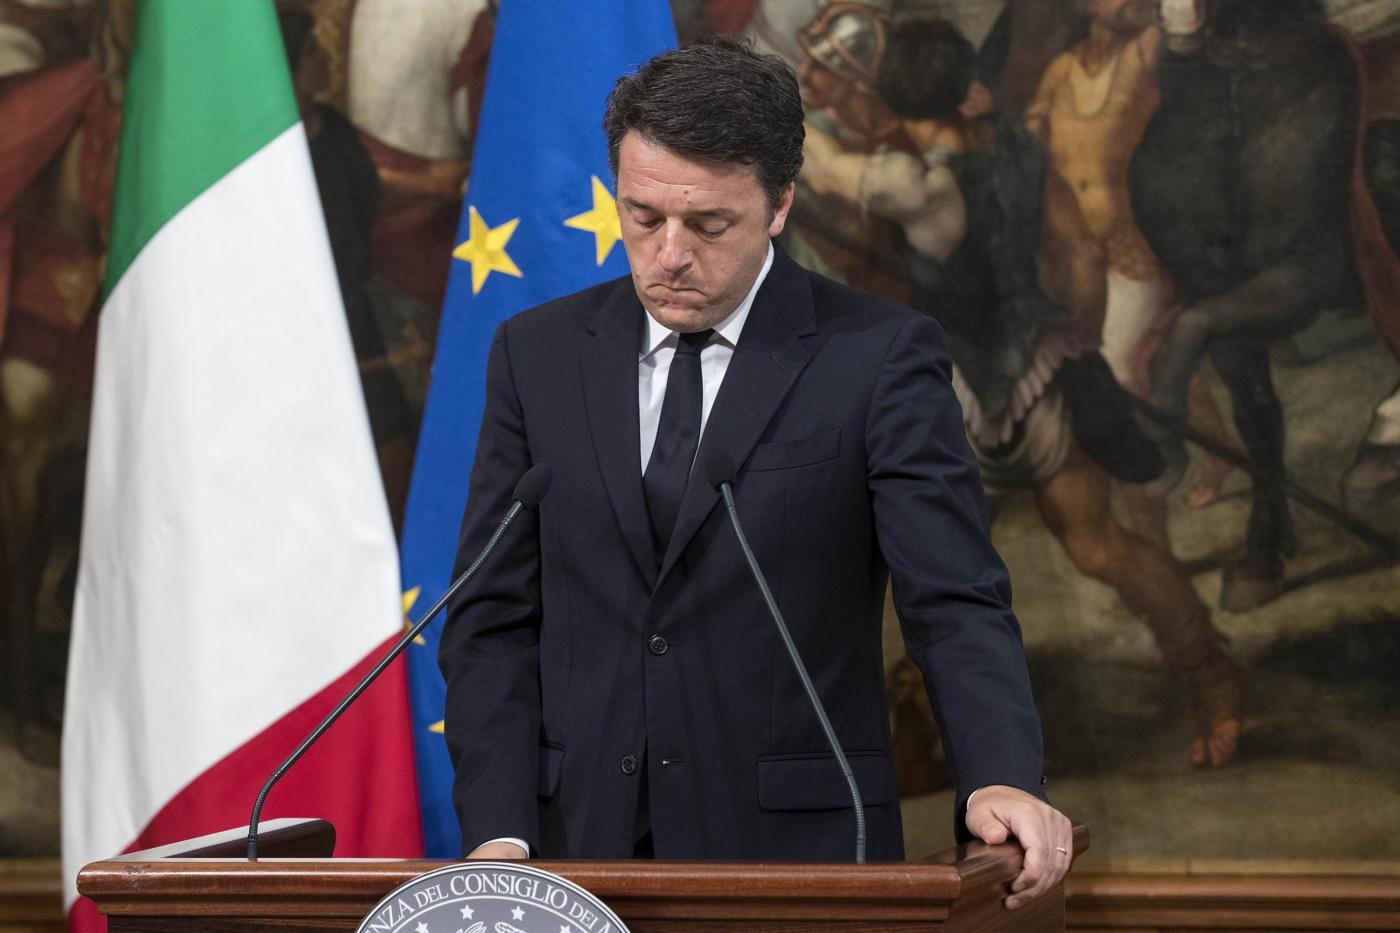 Palazzo Chigi Dichiarazioni di Matteo Renzi sull'attentato a Dacca